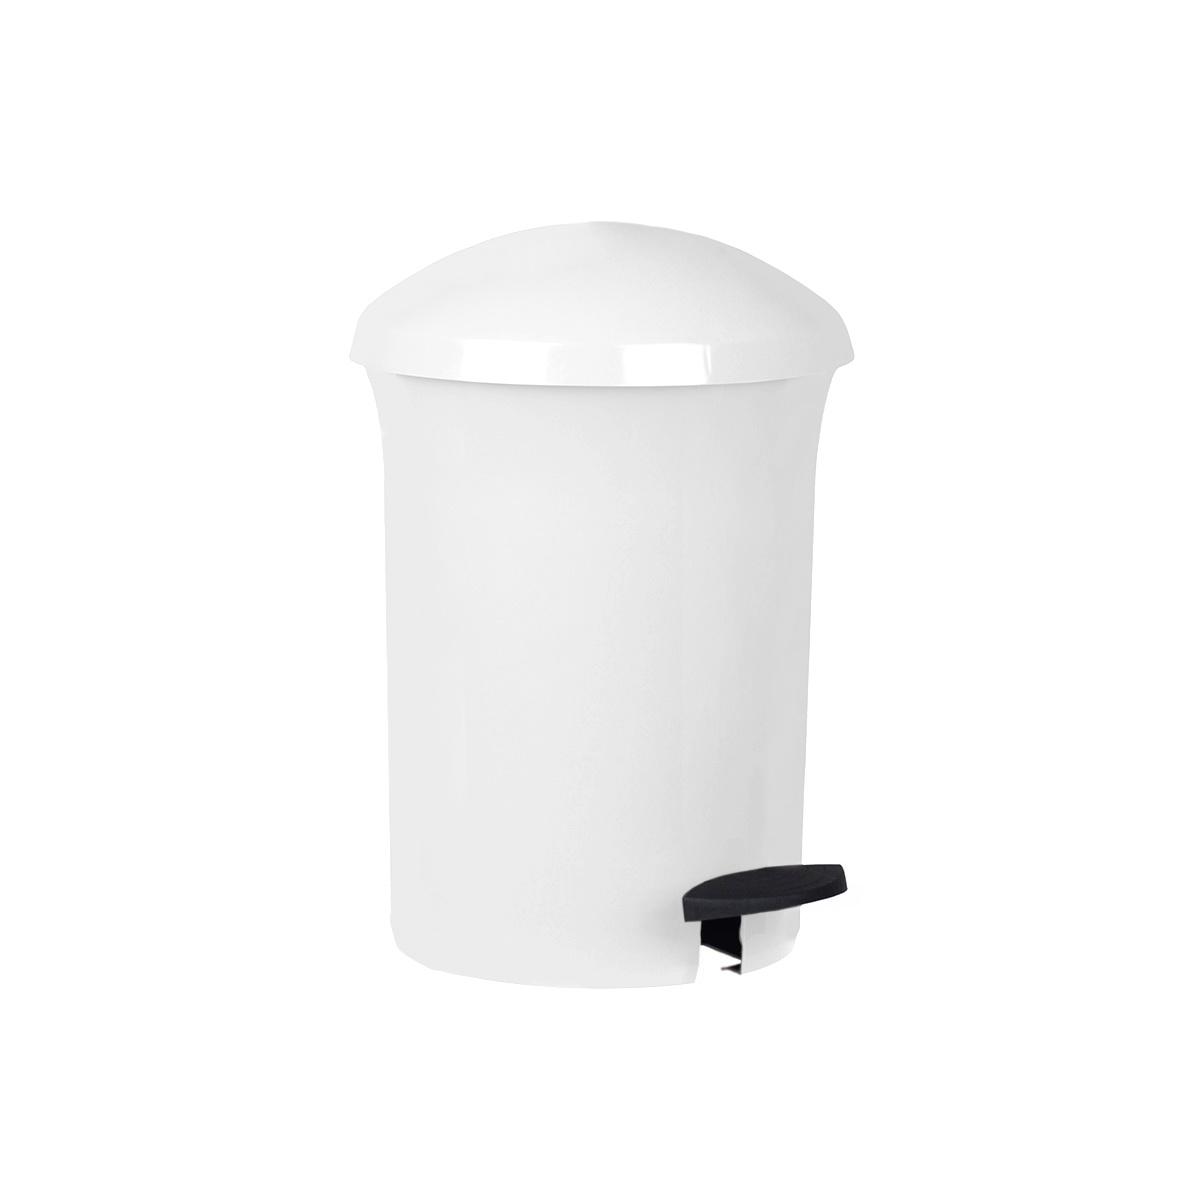 Aldo Pedálový odpadkový kôš Dust Bin 8,1 l, biela